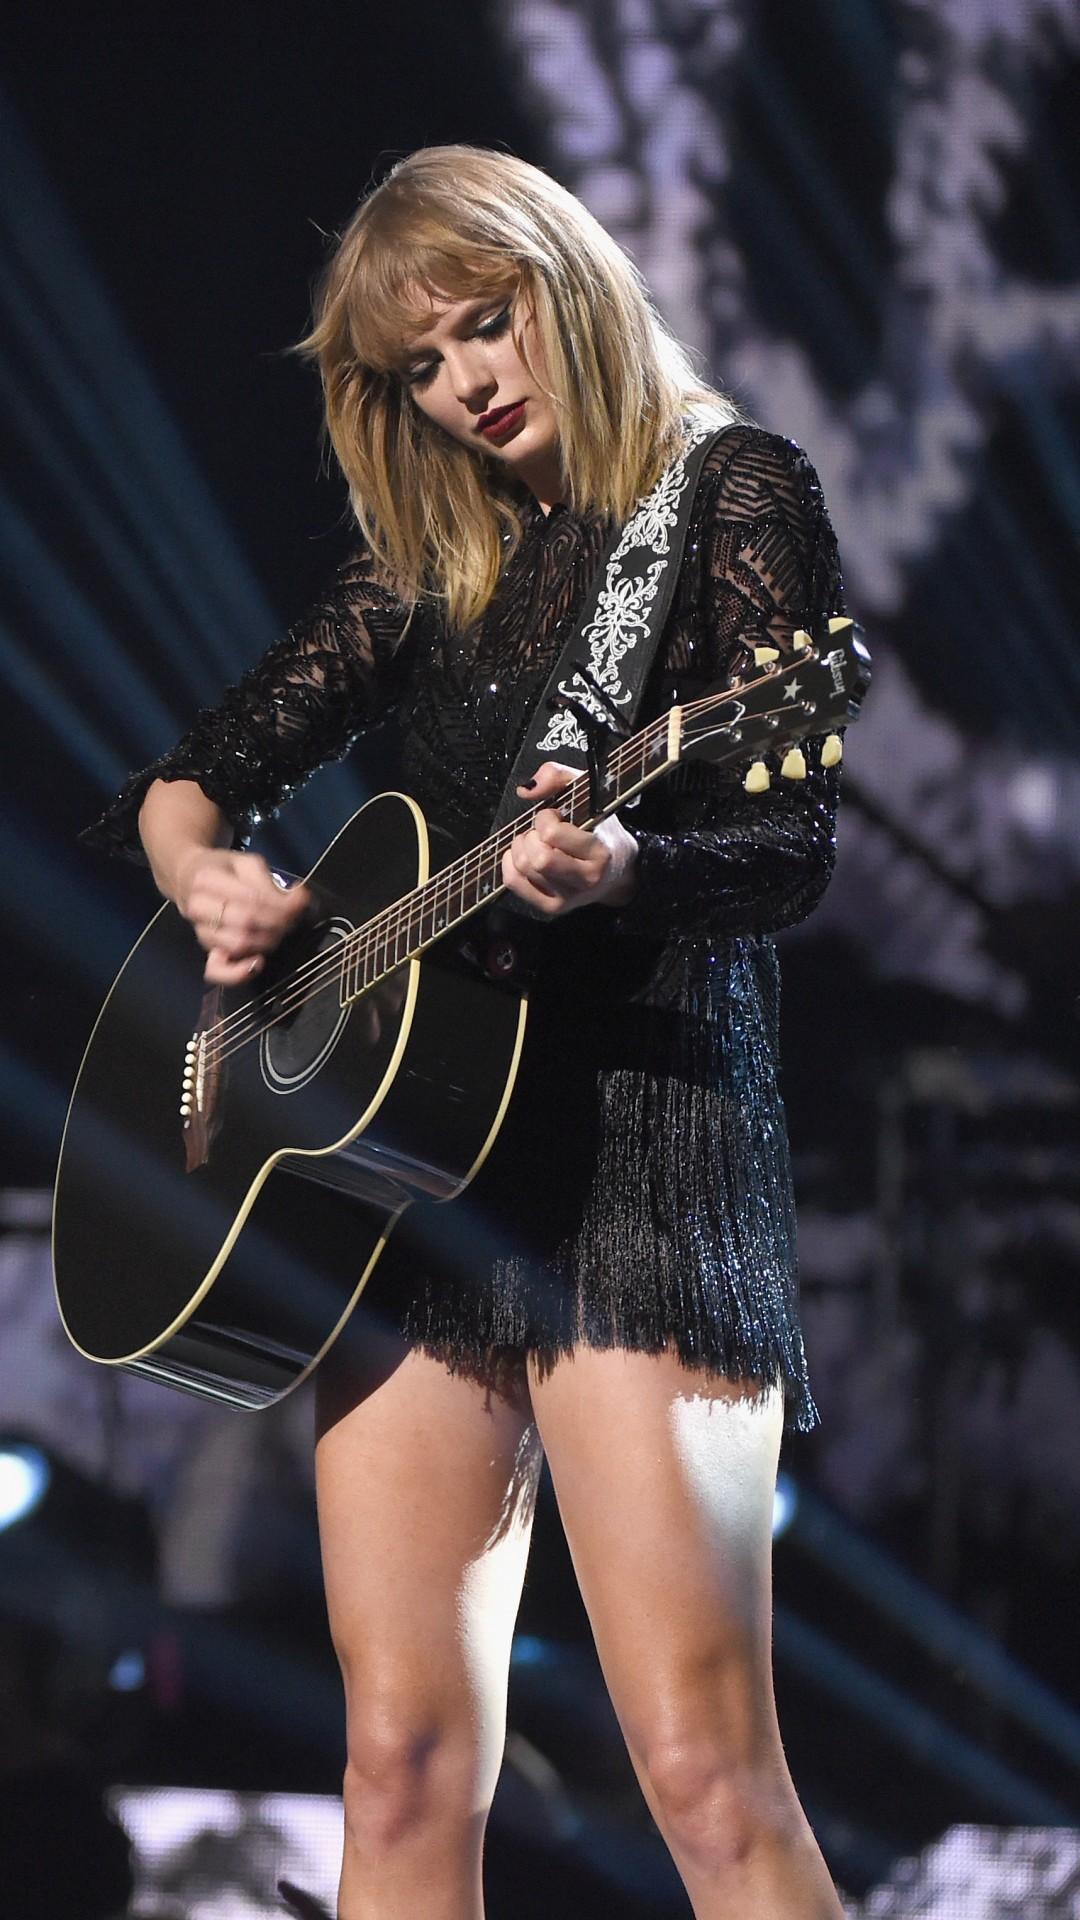 Wallpaper Mtv Video Music Awards 2017 Taylor Swift 4k